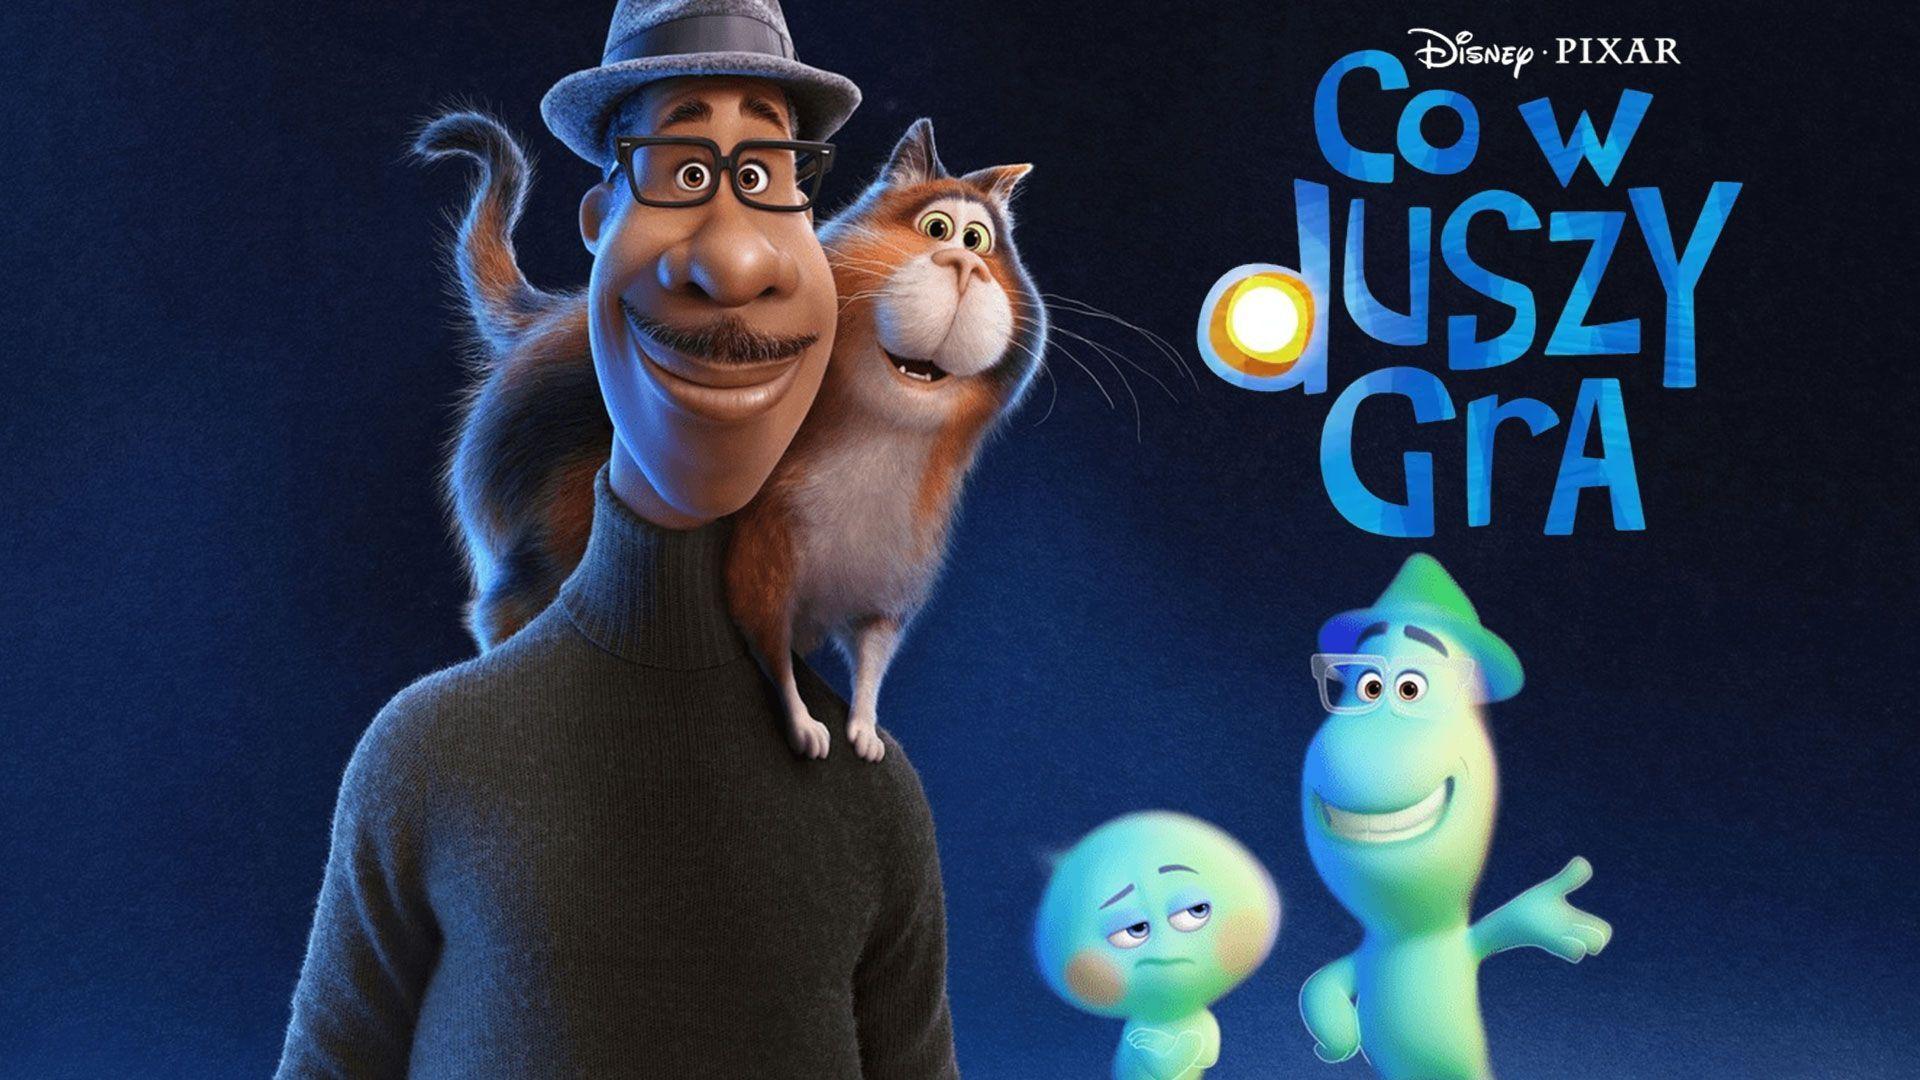 """KONKURS: Wygraj bilety do kina SDK na bajkę animowaną """"Co w duszy gra"""" - Zdjęcie główne"""